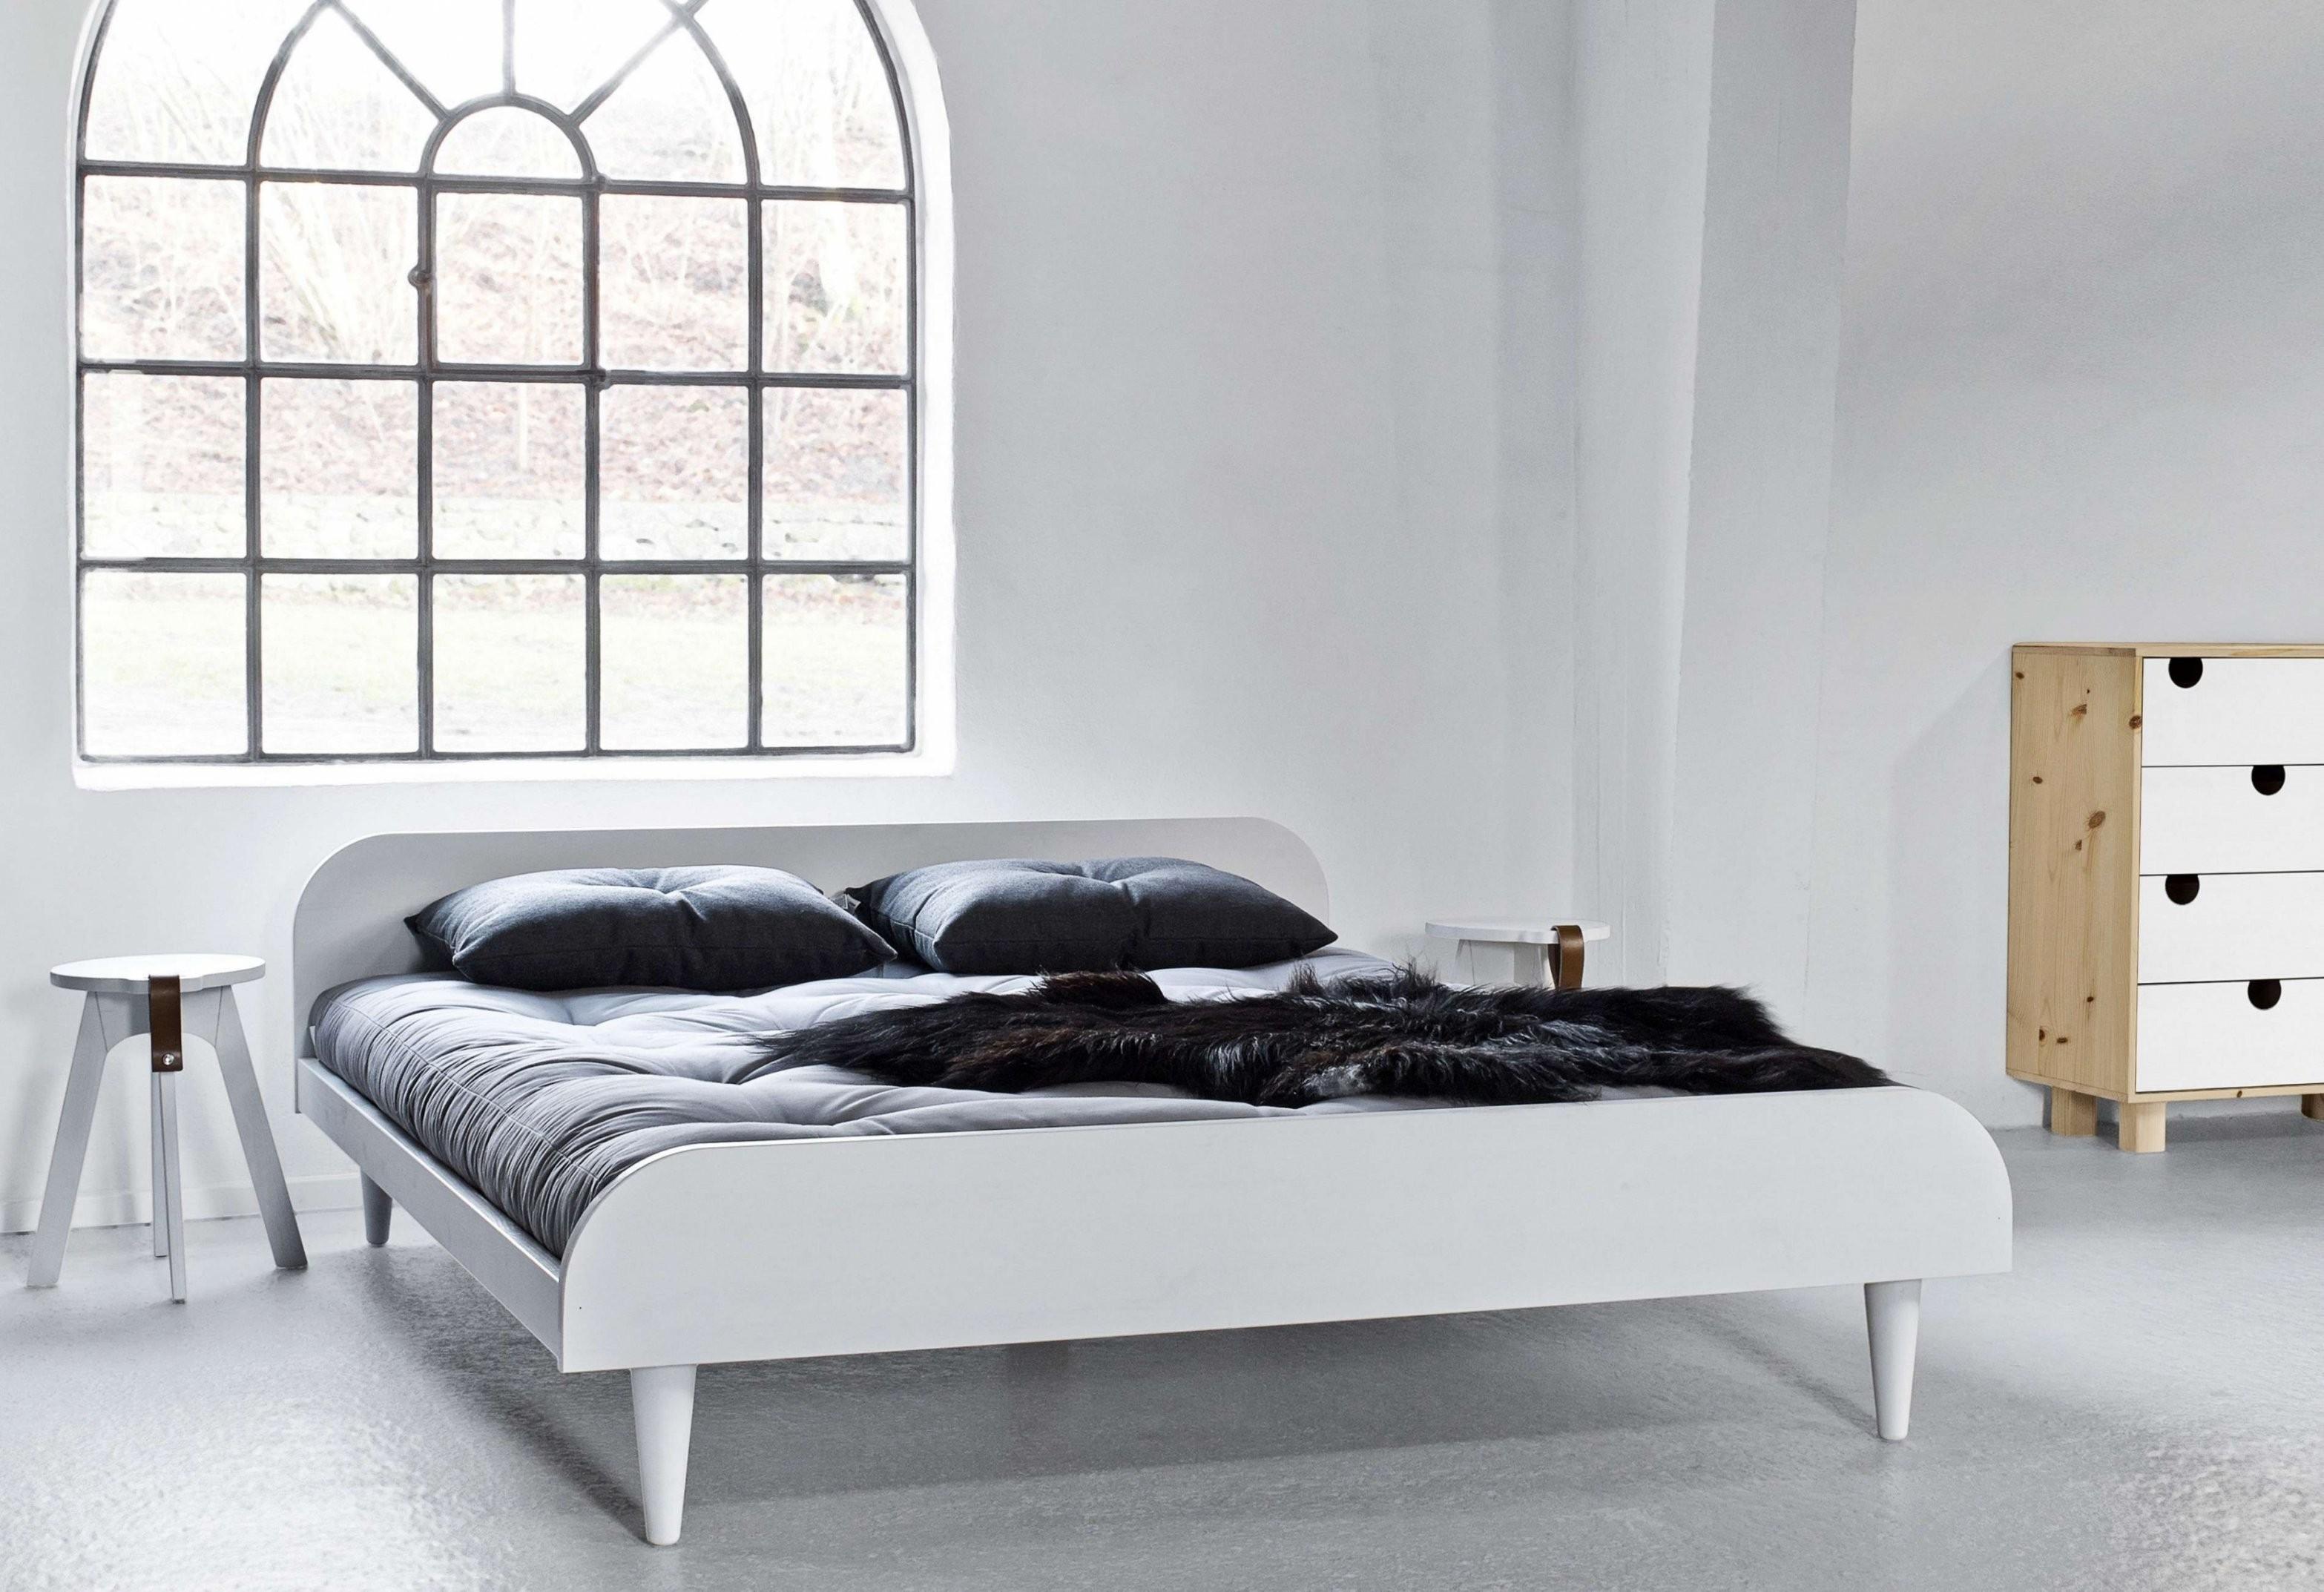 Bett Mit 2 Matratzen Schön 200—200 Matratze 0D Bett 120—200 Mit von Bett Mit Zwei Matratzen Photo